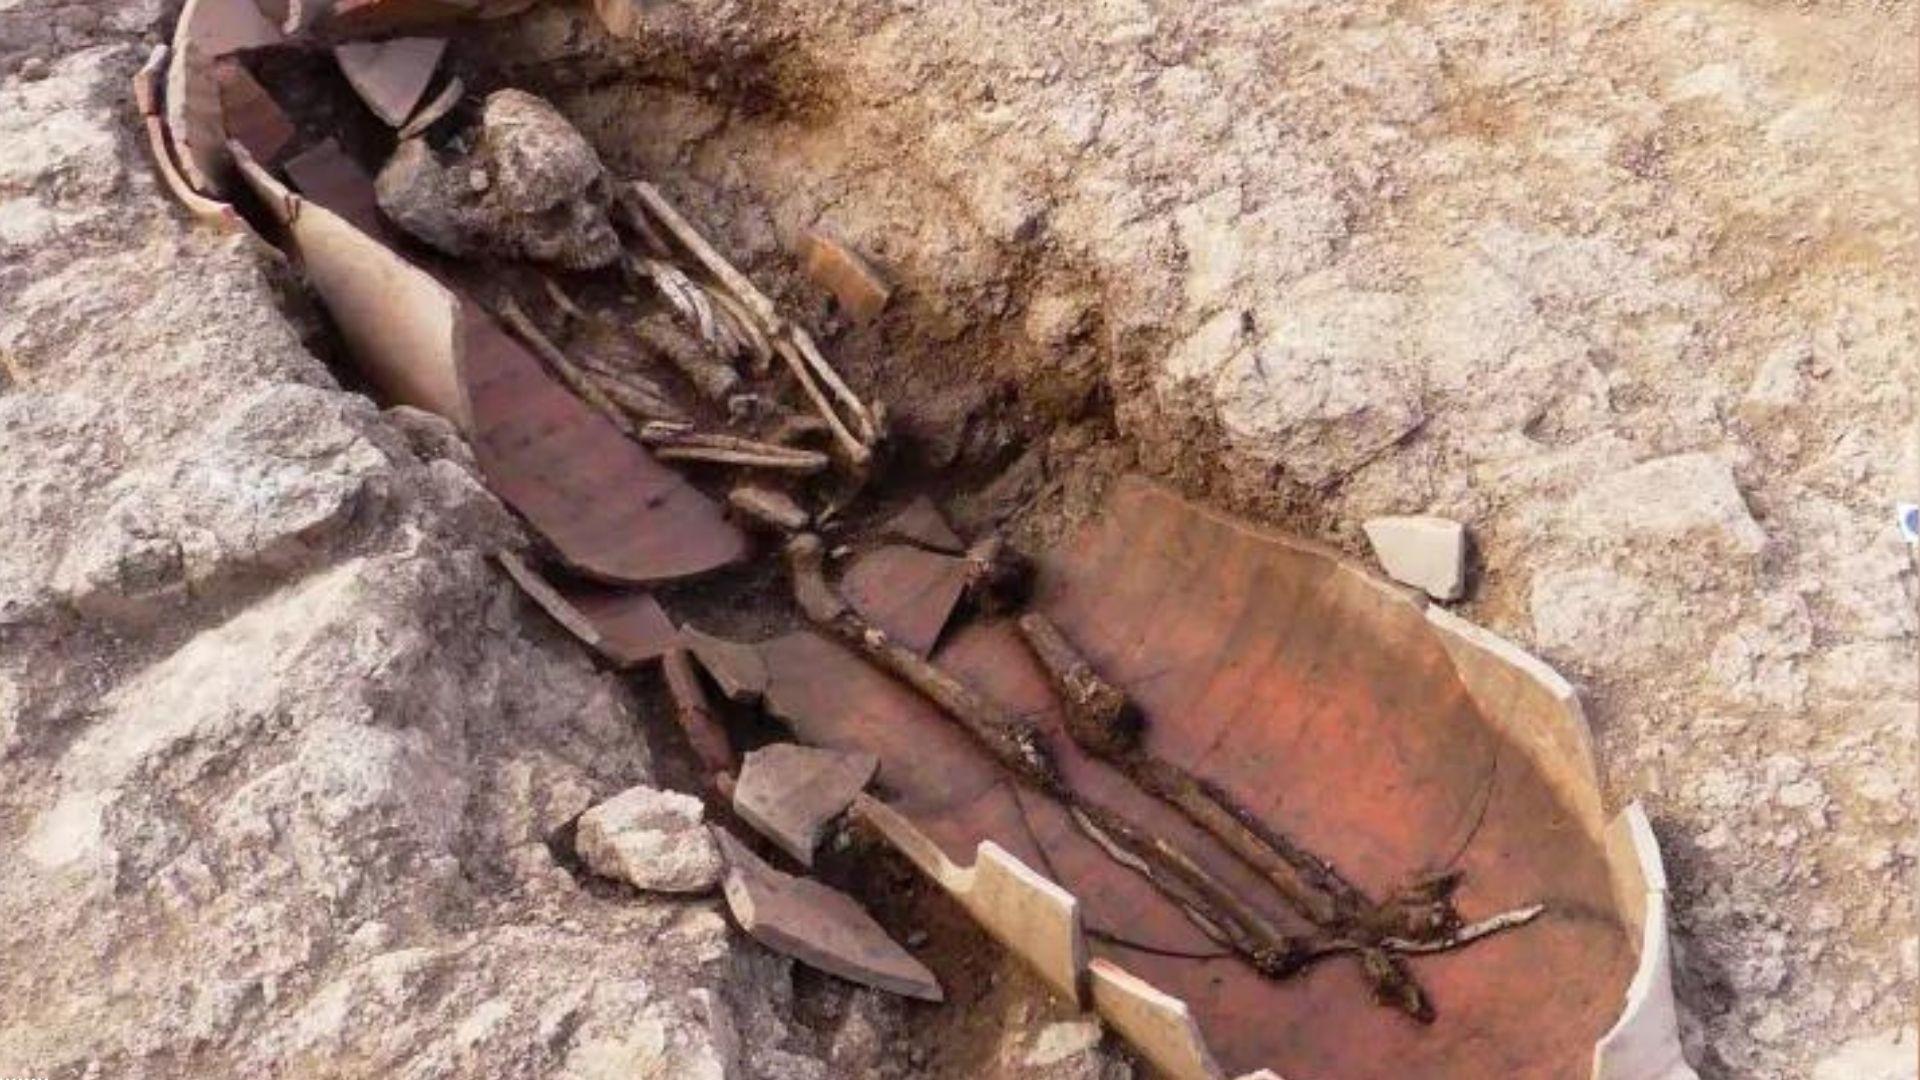 Arqueólogos descobriram restos humanos na antiga necrópole da Córsega, na França (Foto: Jean-Jacques Grizeaud)